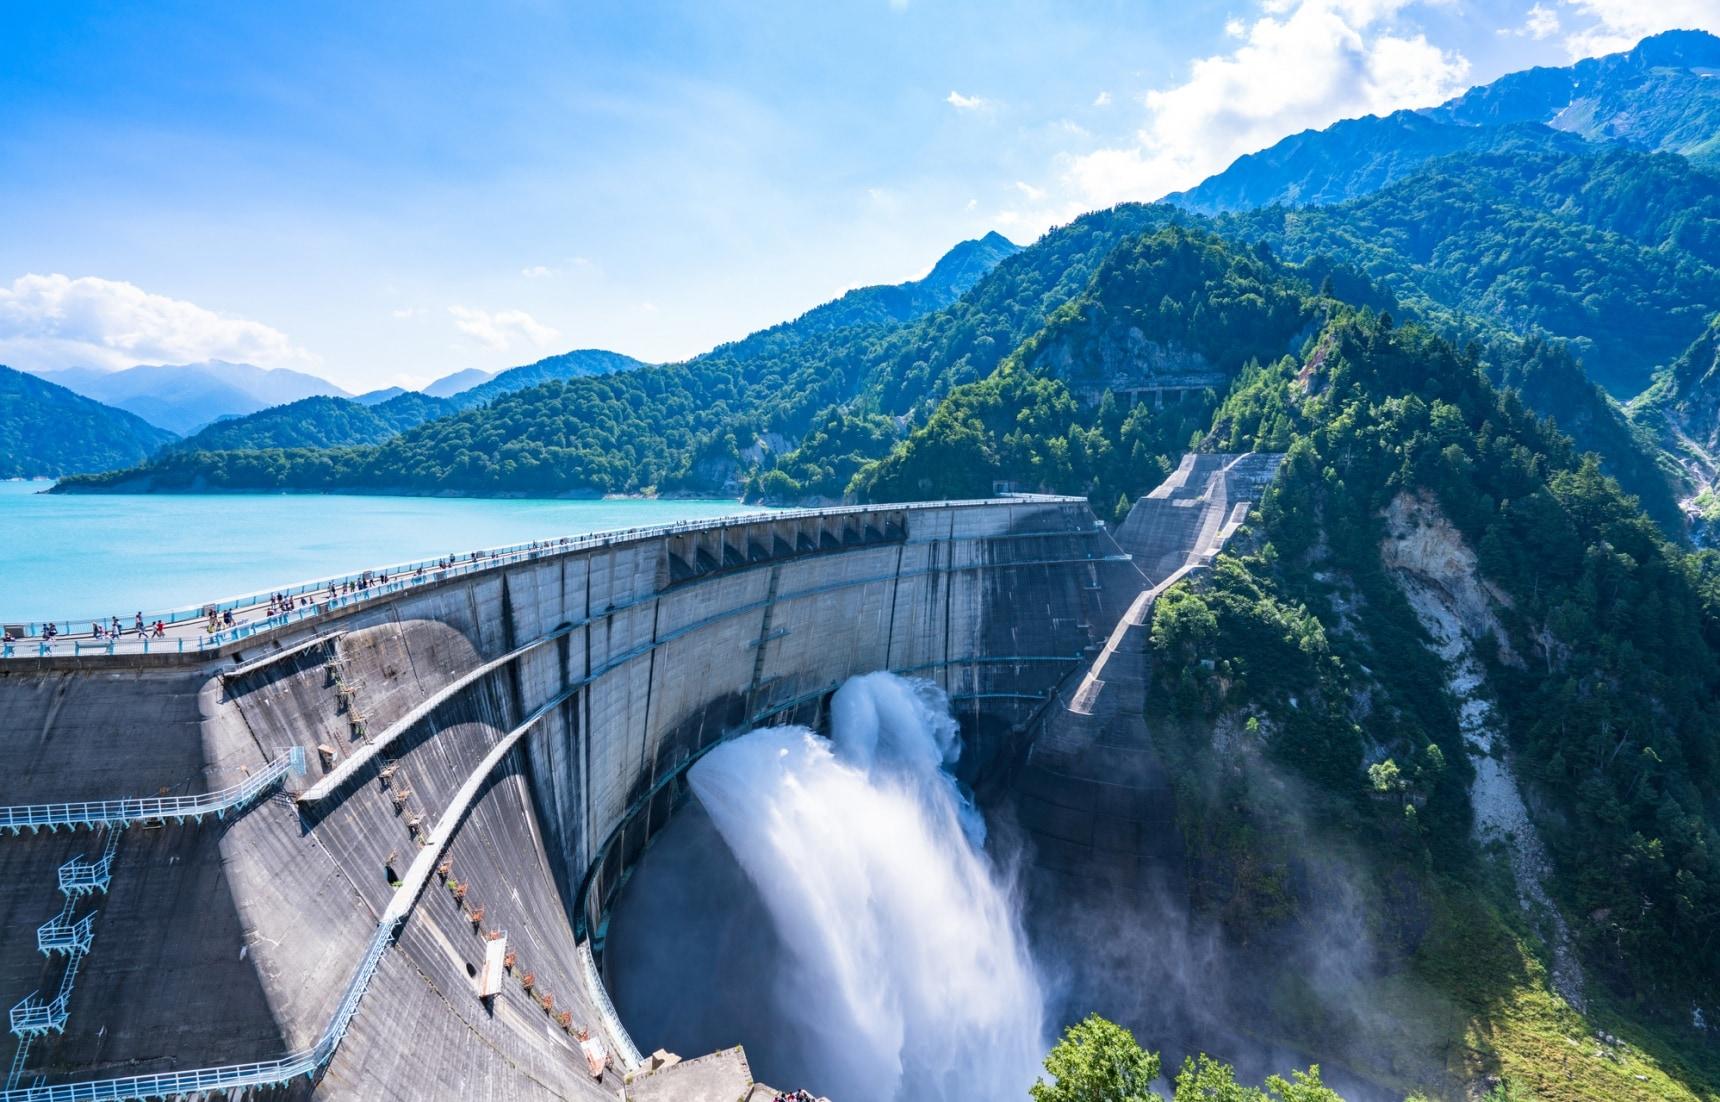 大自然的饋贈請珍惜 | 最值得關注的富山縣10大旅行看點